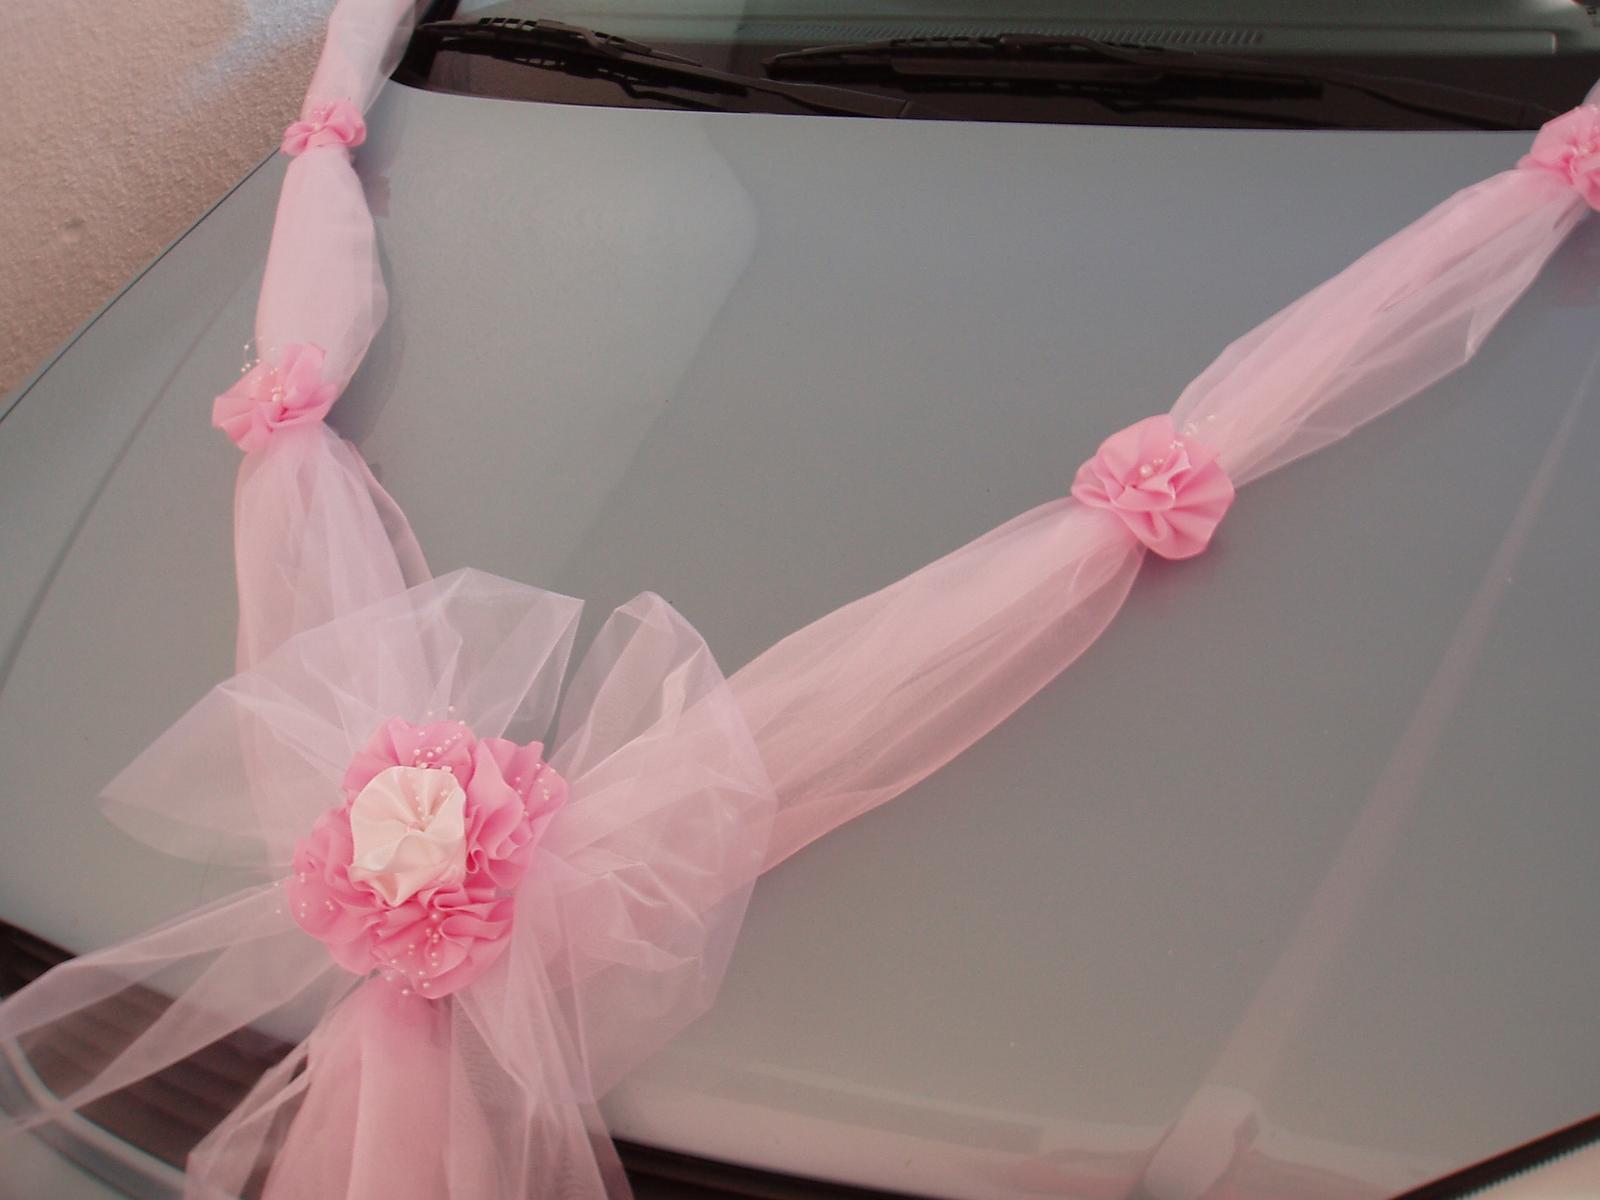 dvojšerpa bílo-růžová s mašlí - Obrázek č. 1